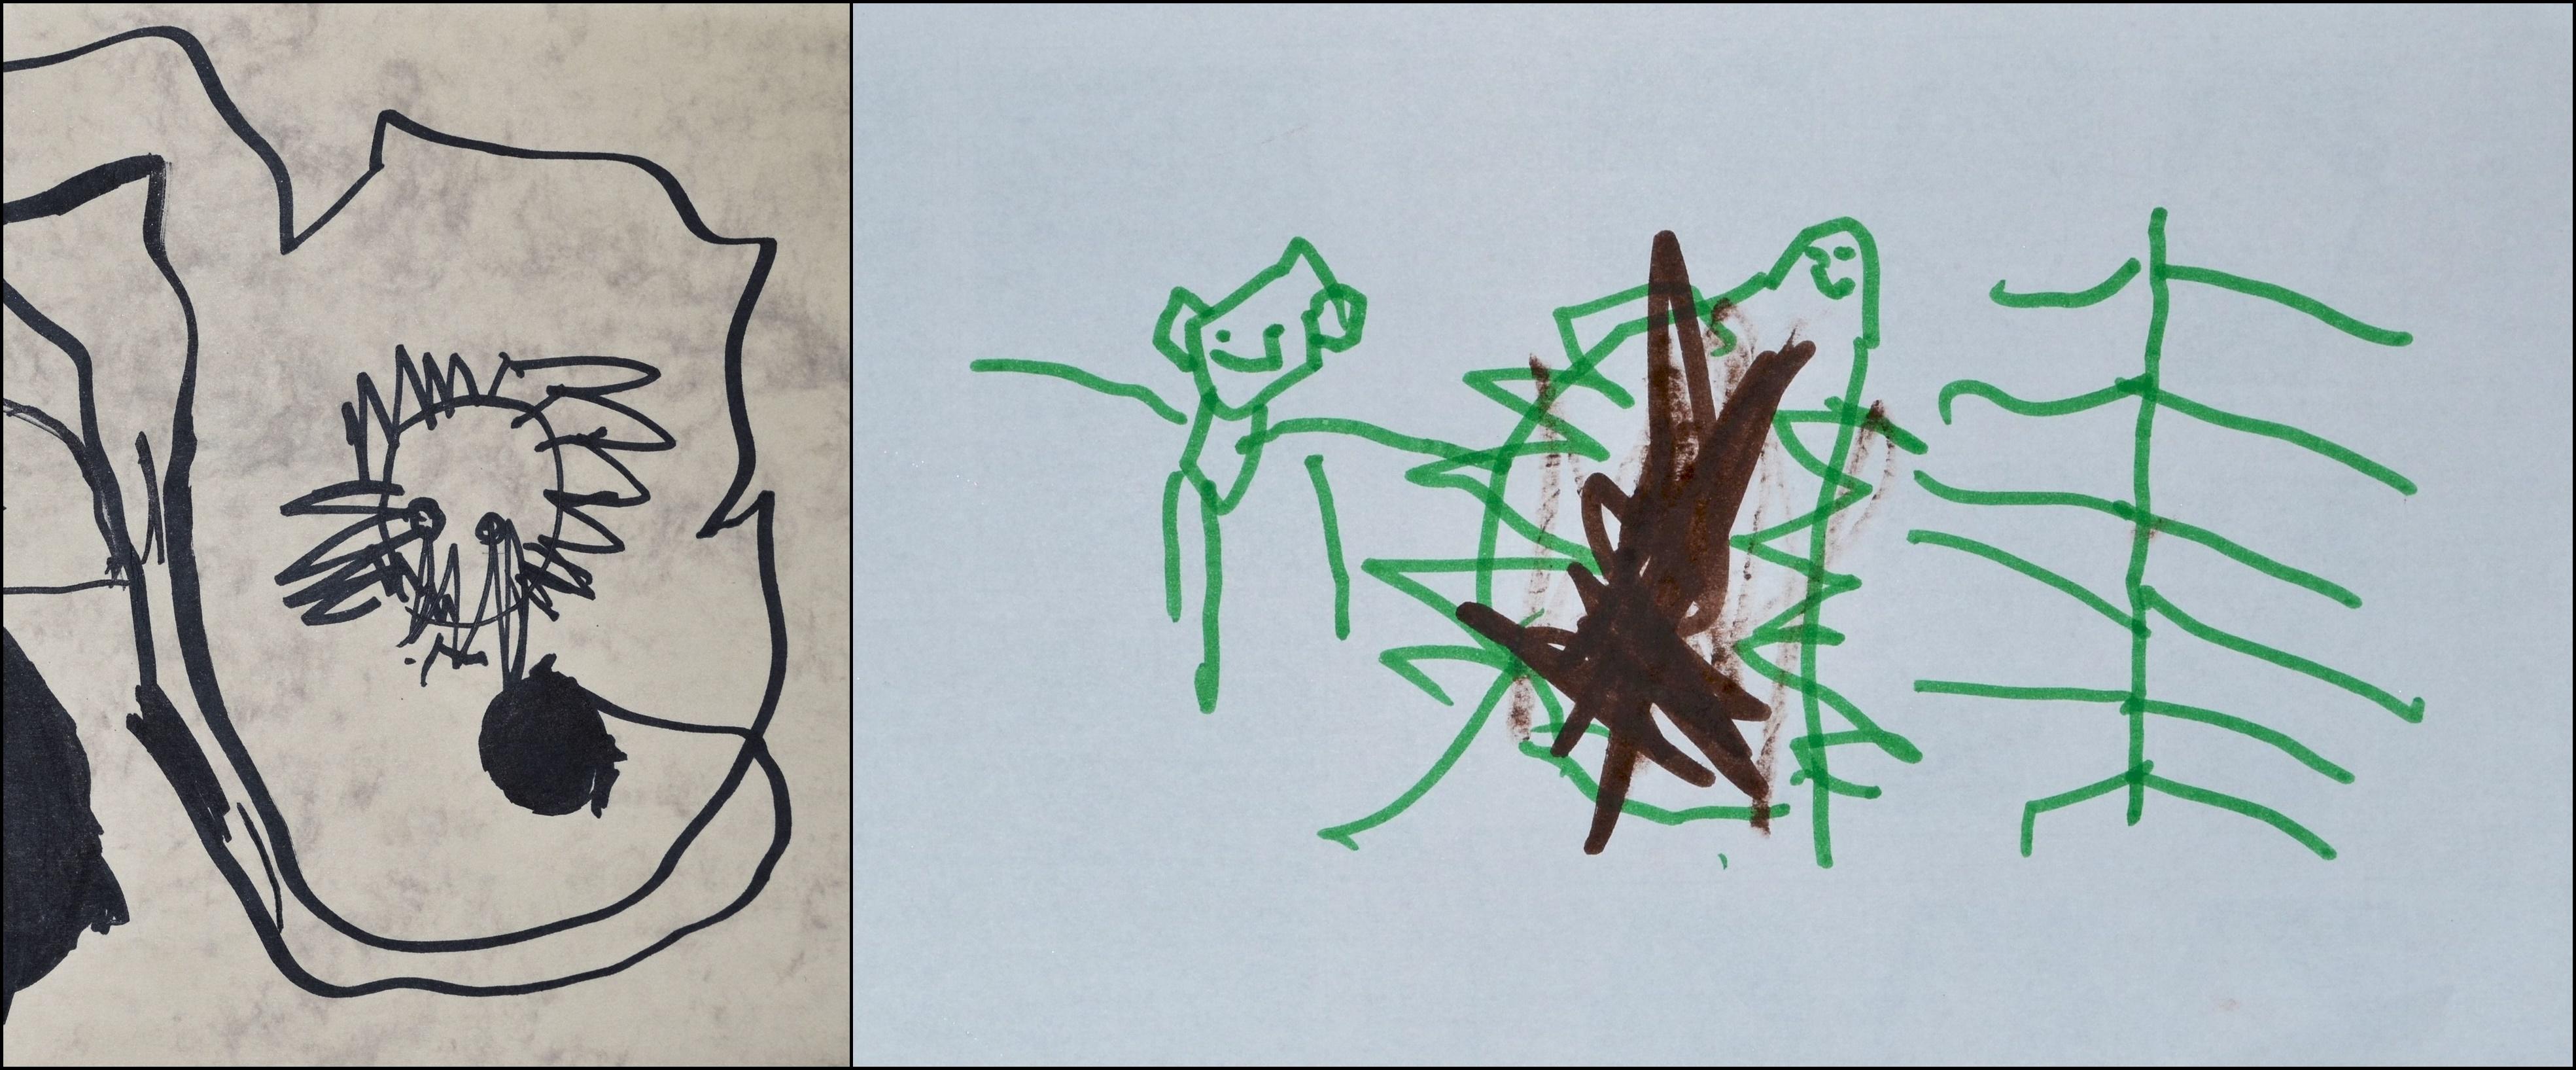 gyermeki rajzfejlődés: történetet elmesélő rajz